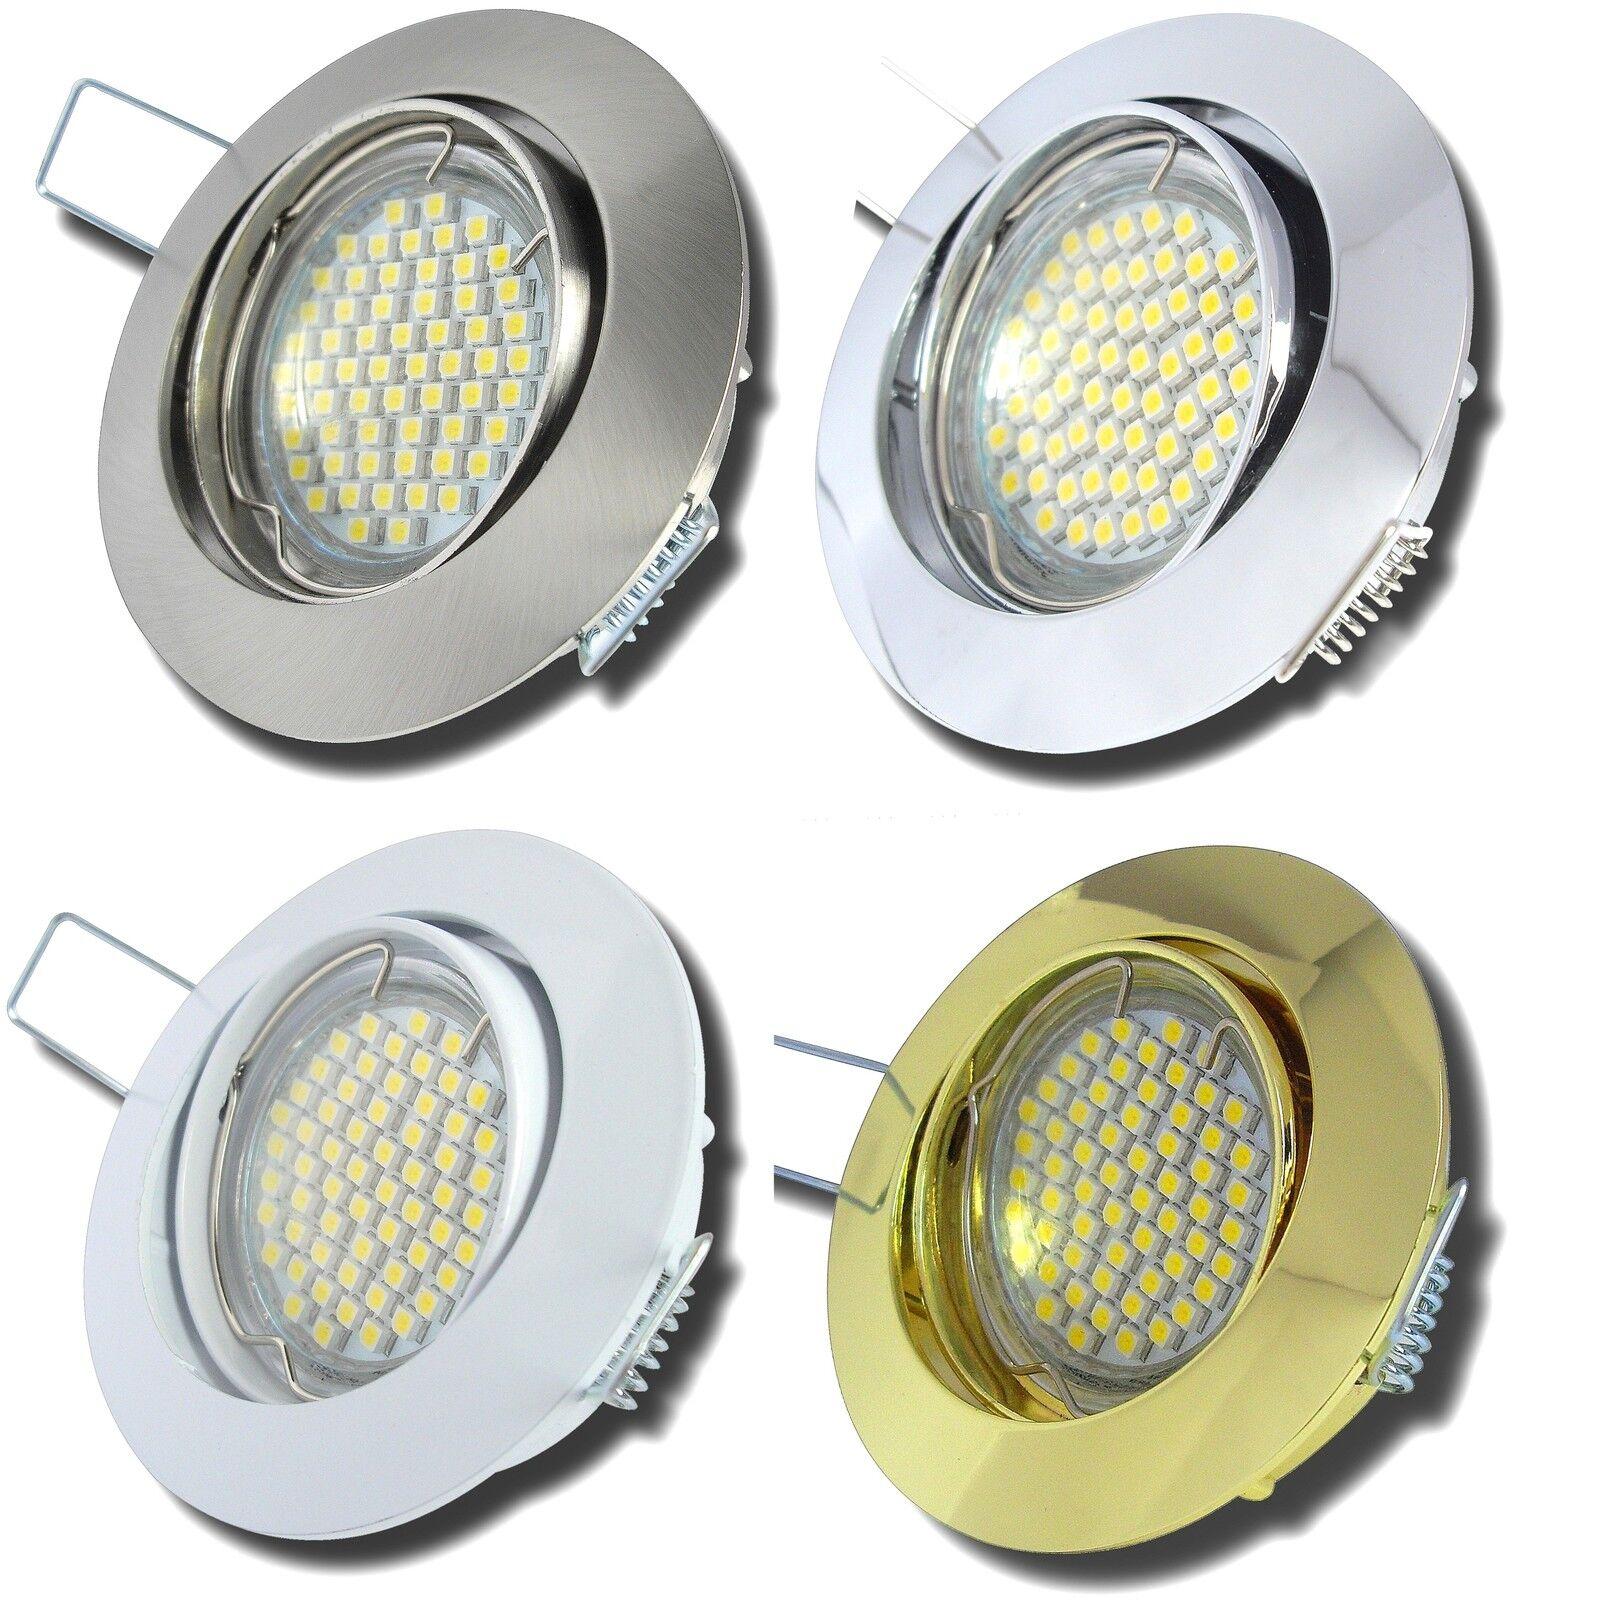 9er Set LED Einbaustrahler Jan 230V GU10 Einbauleuchte + 3Watt SMD Power LED